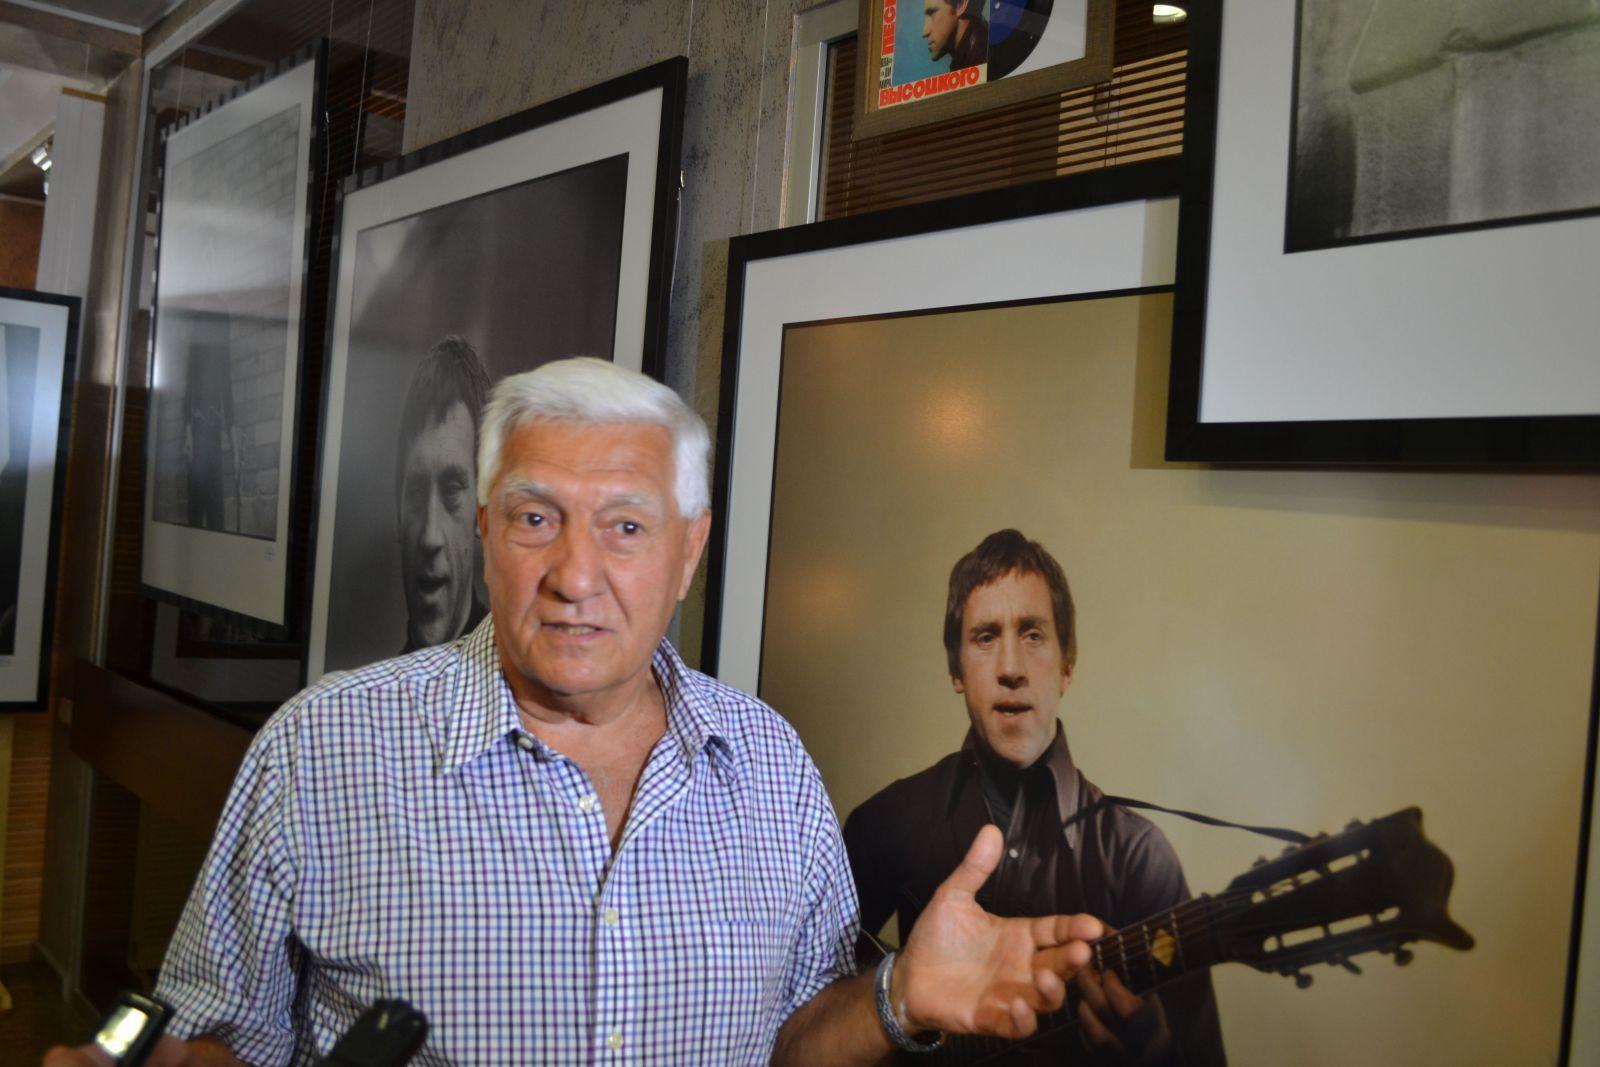 Эксклюзив на ХОЧУ: в Киеве открылся музей Владимира Высоцкого - фото №2